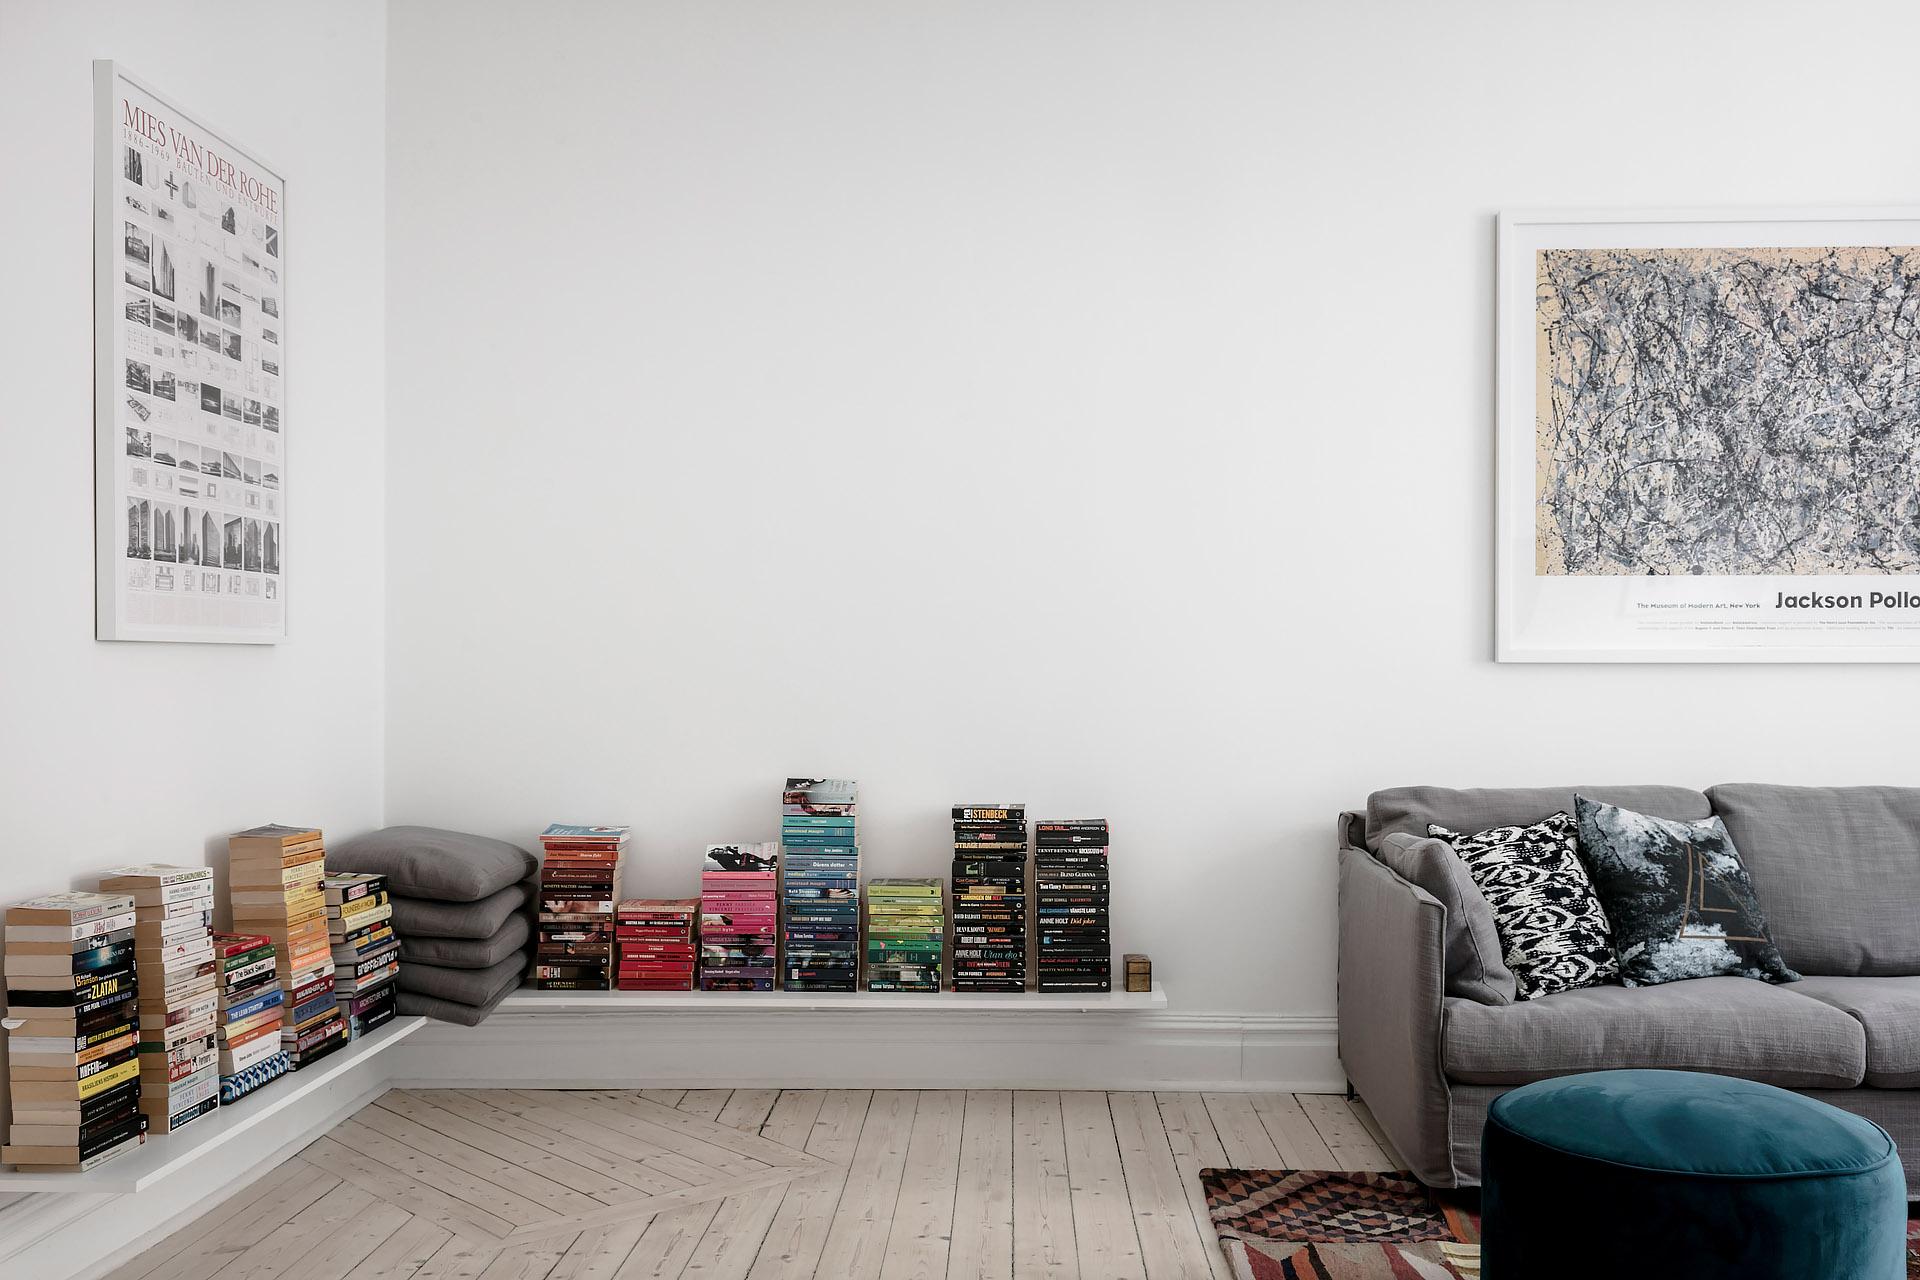 In deze mooie woonkamer zijn de boeken erg leuk geëtaleerd!